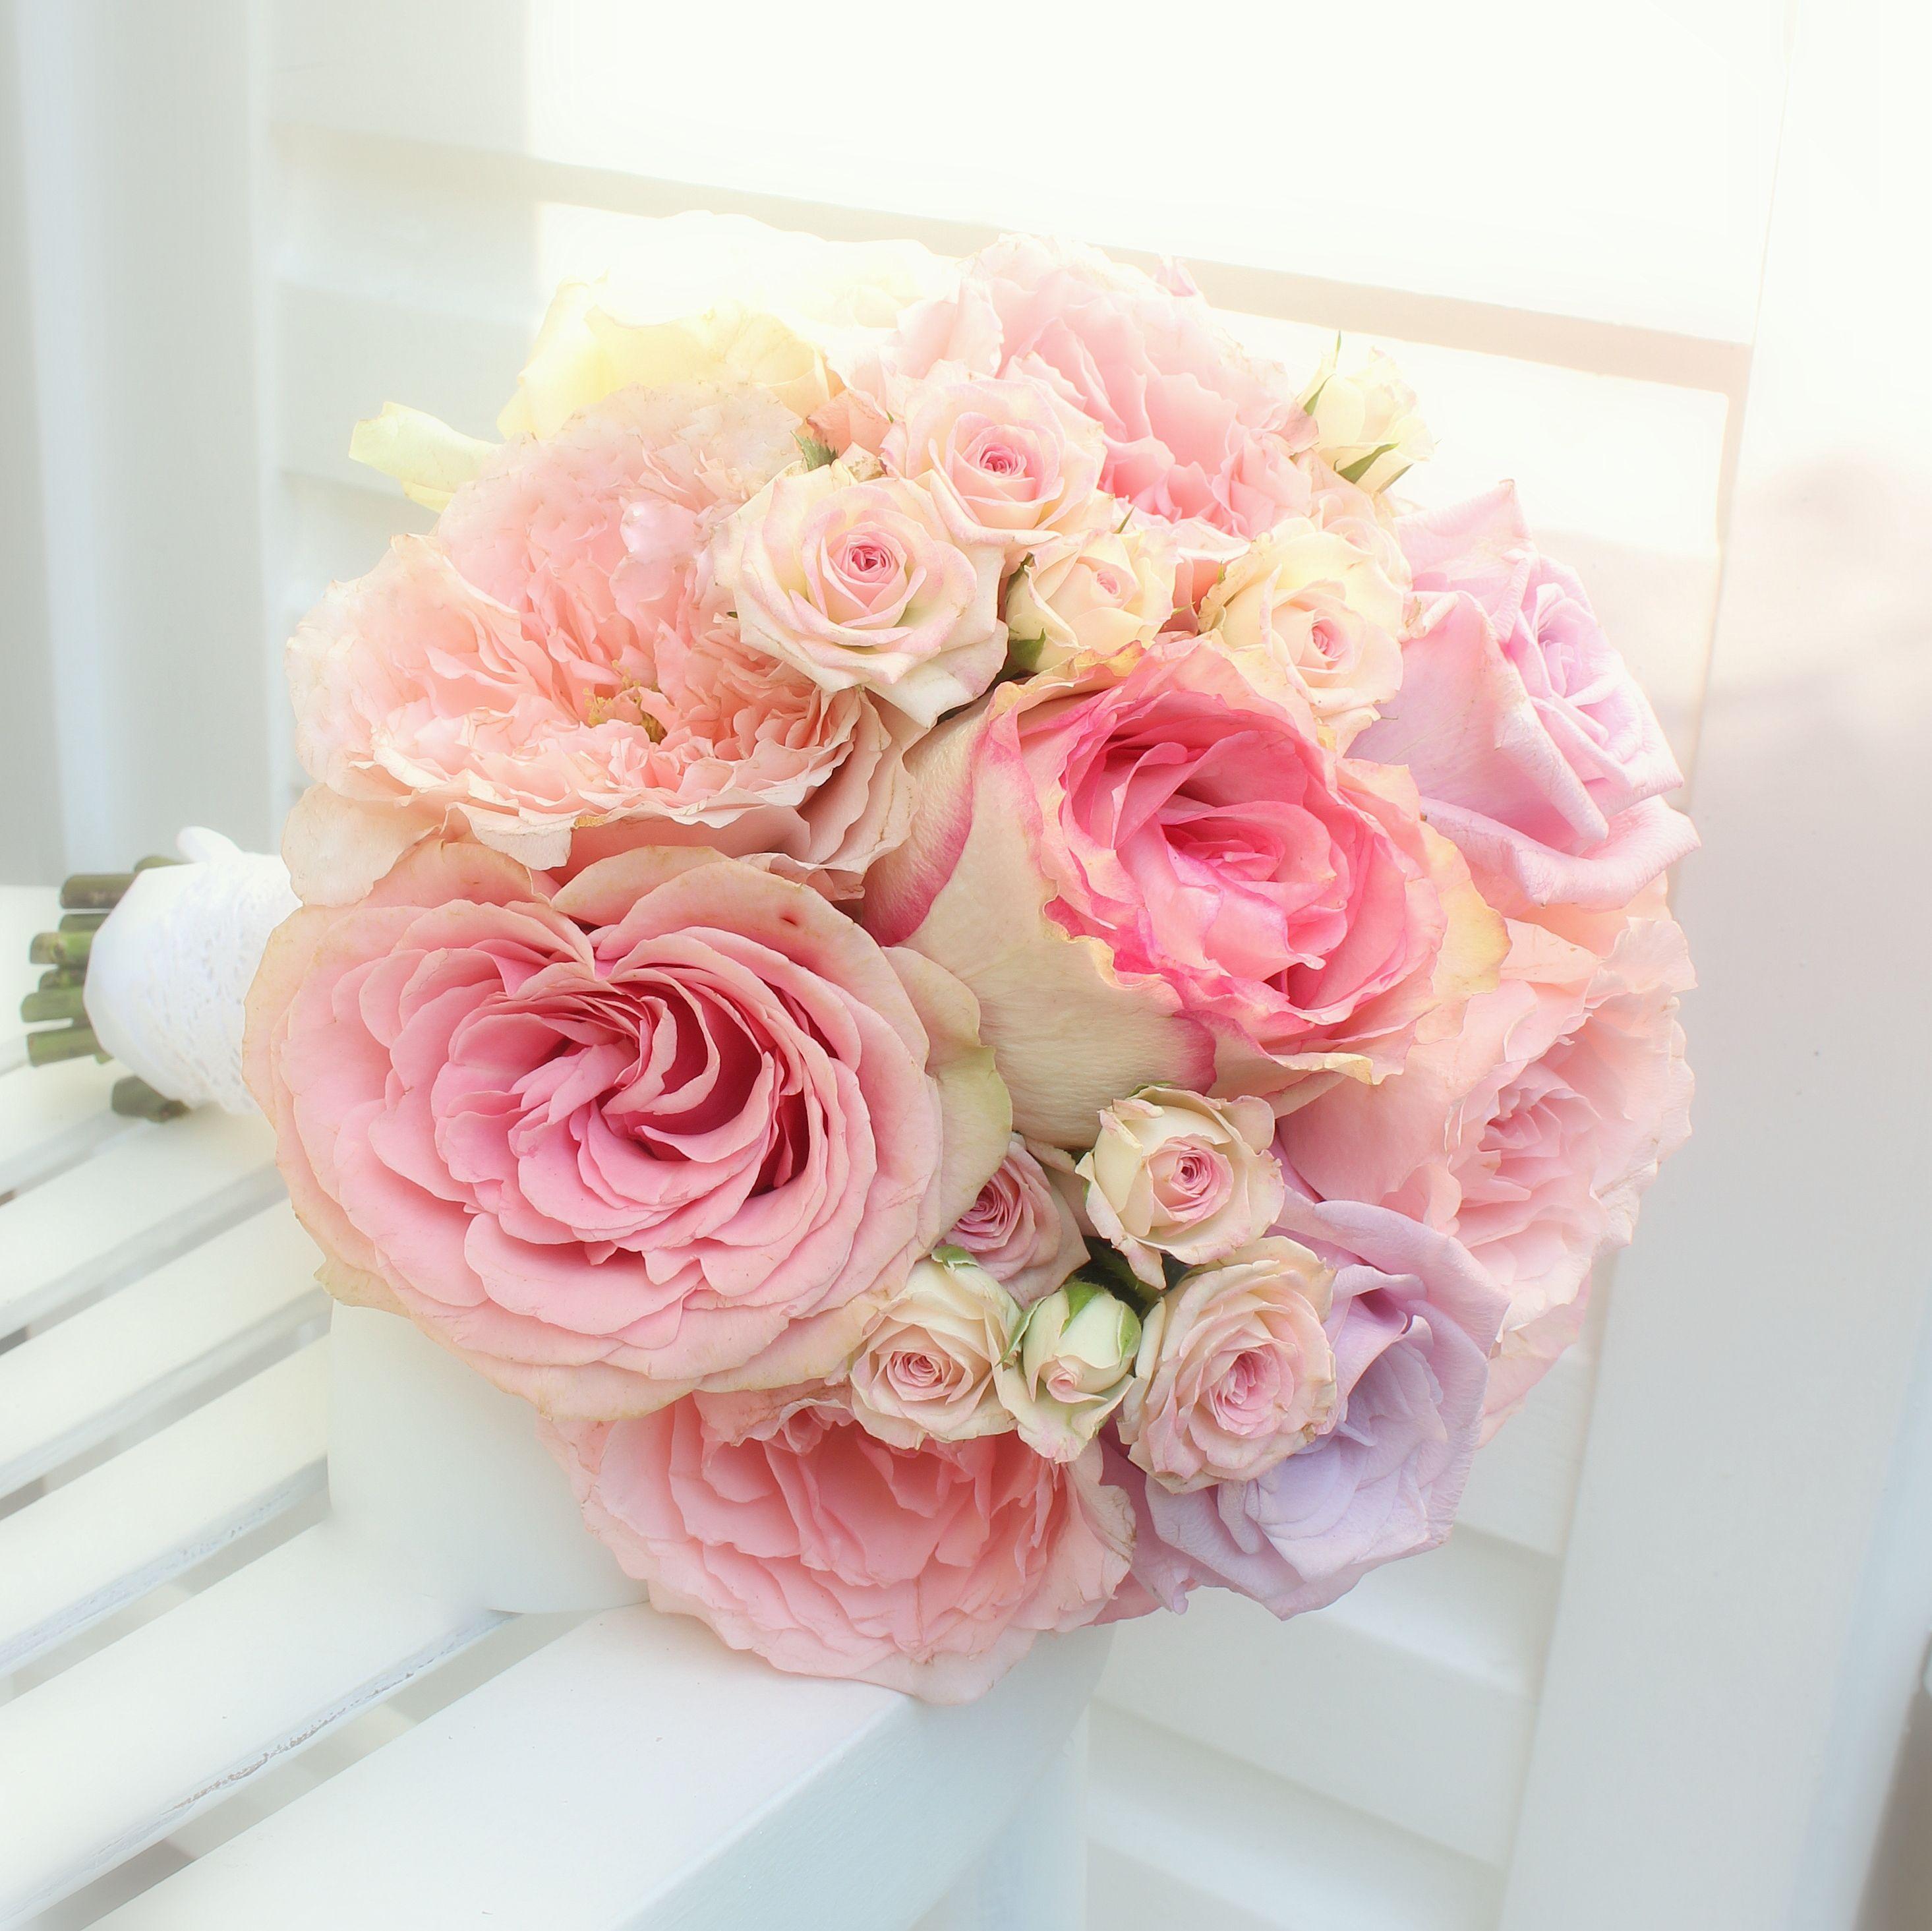 brautstrau mit sommerlichen rosa rosen. Black Bedroom Furniture Sets. Home Design Ideas